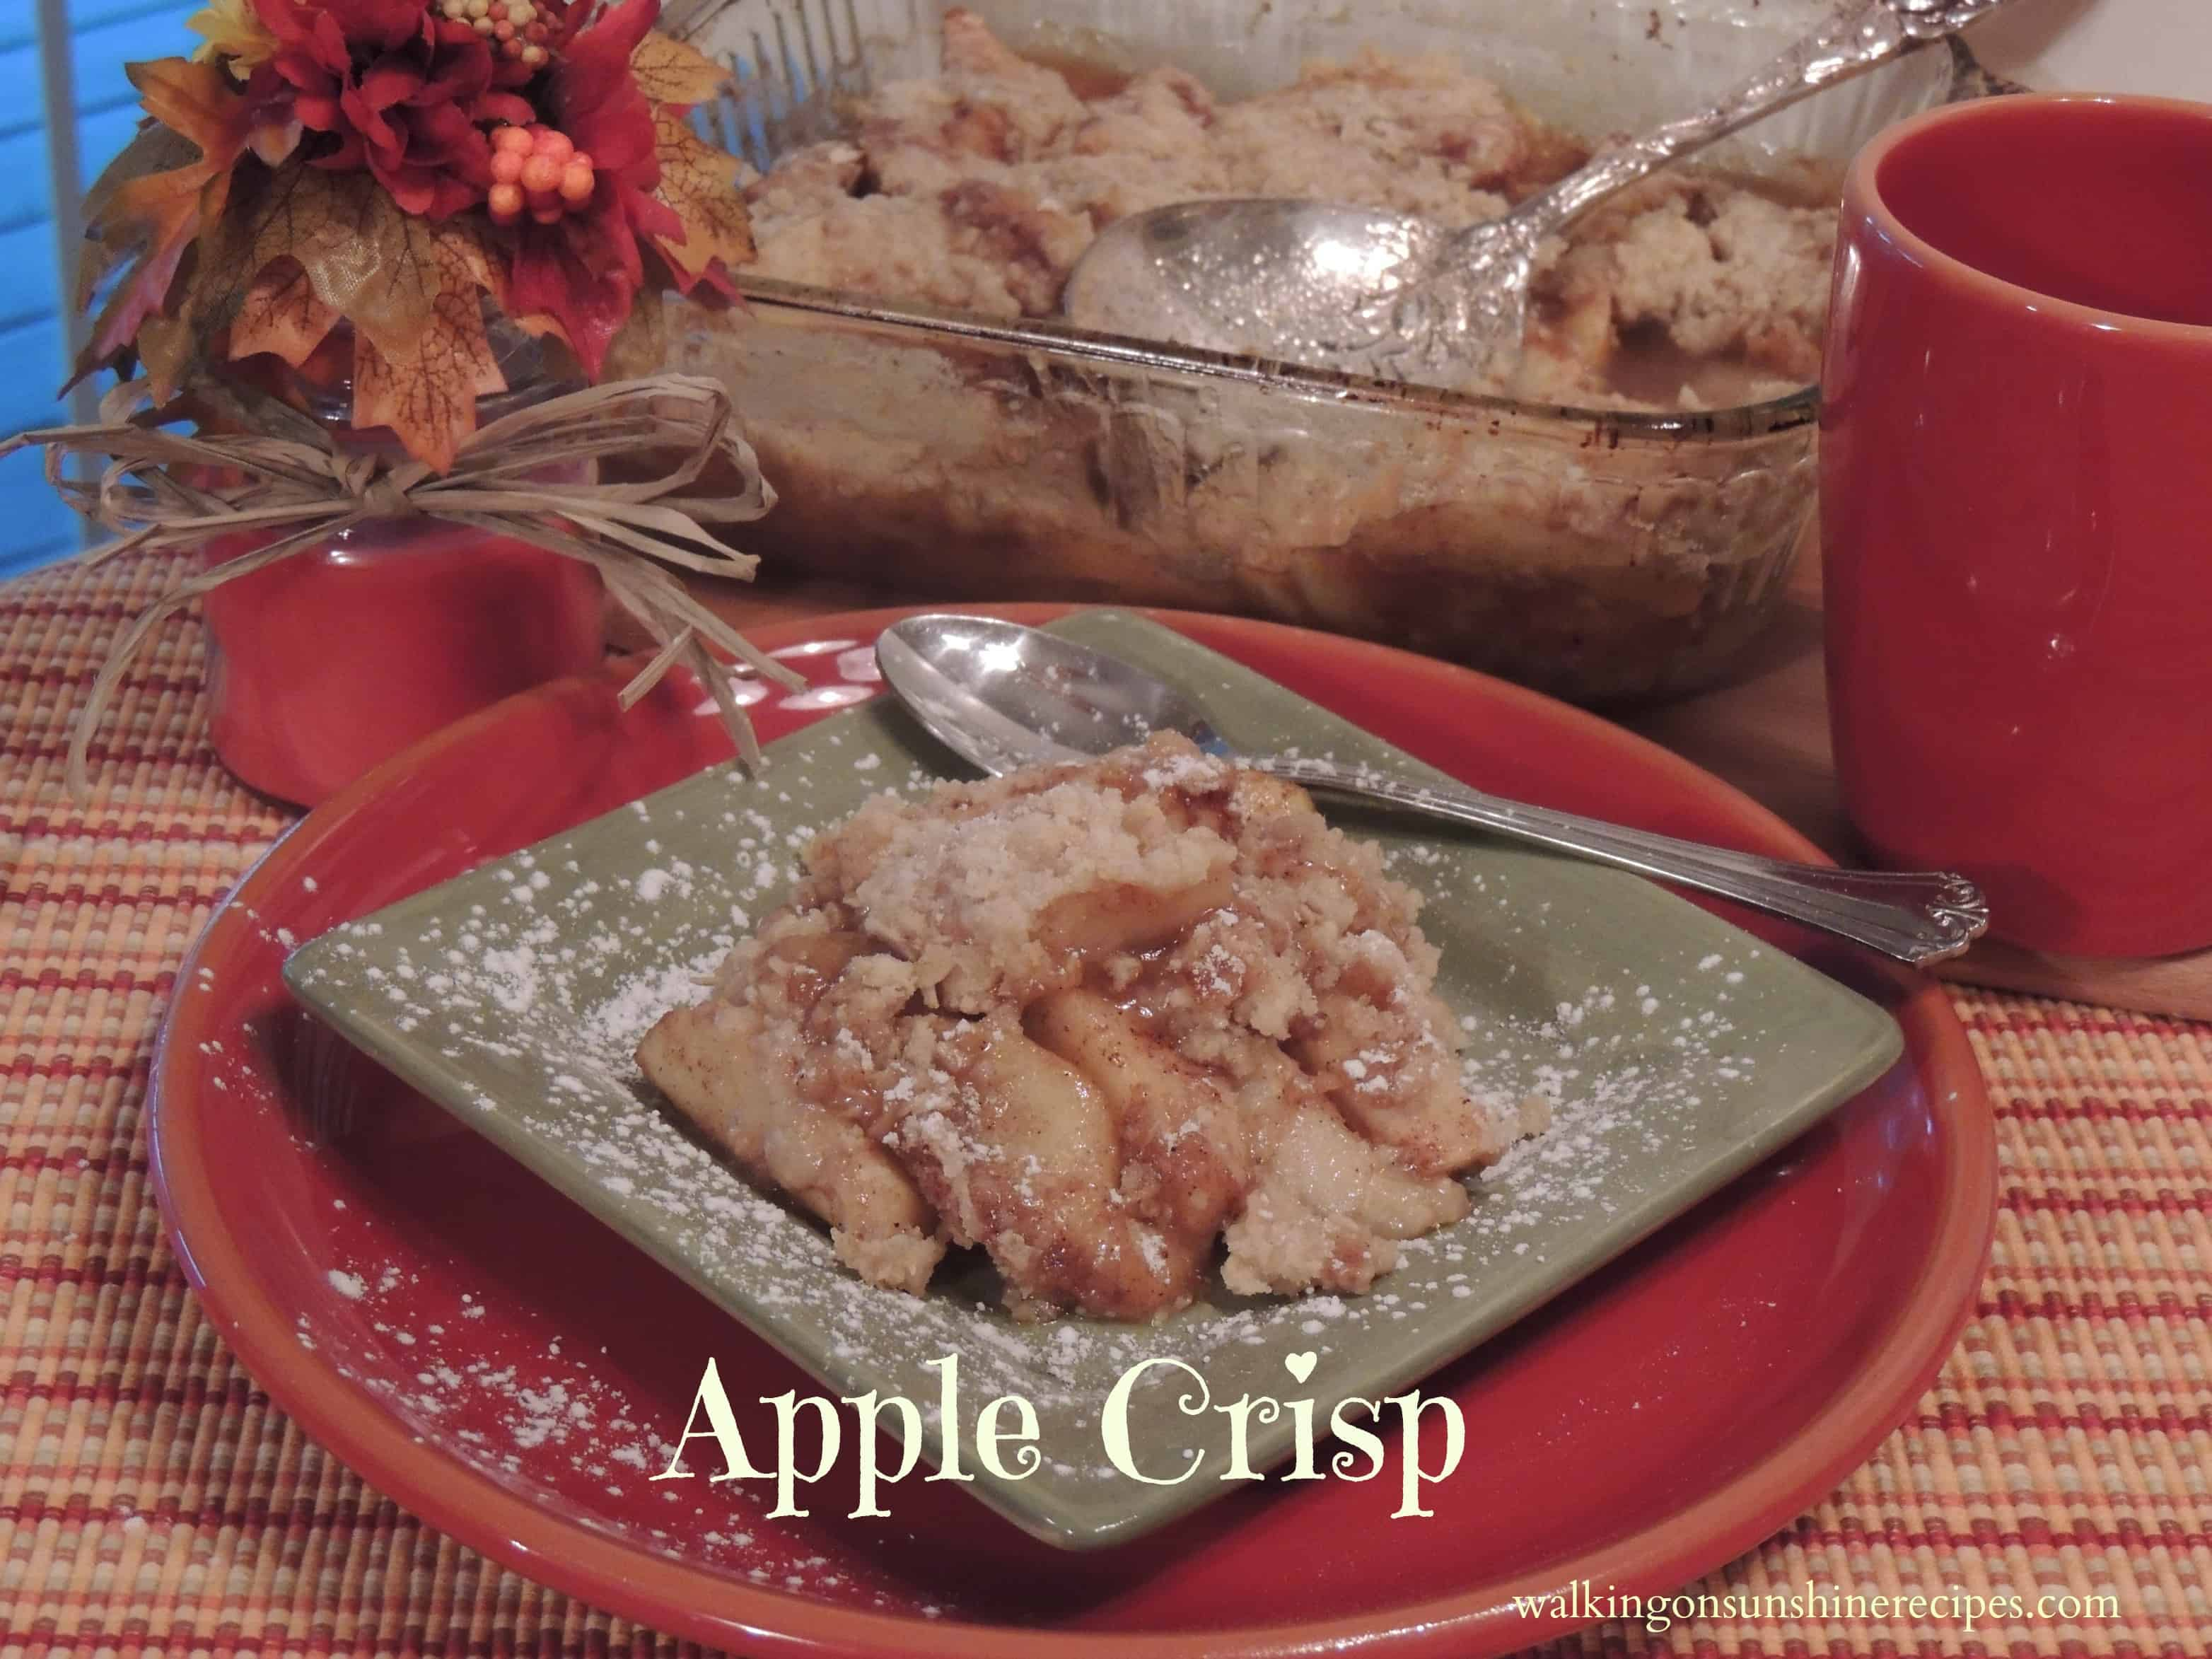 apple crisp promo